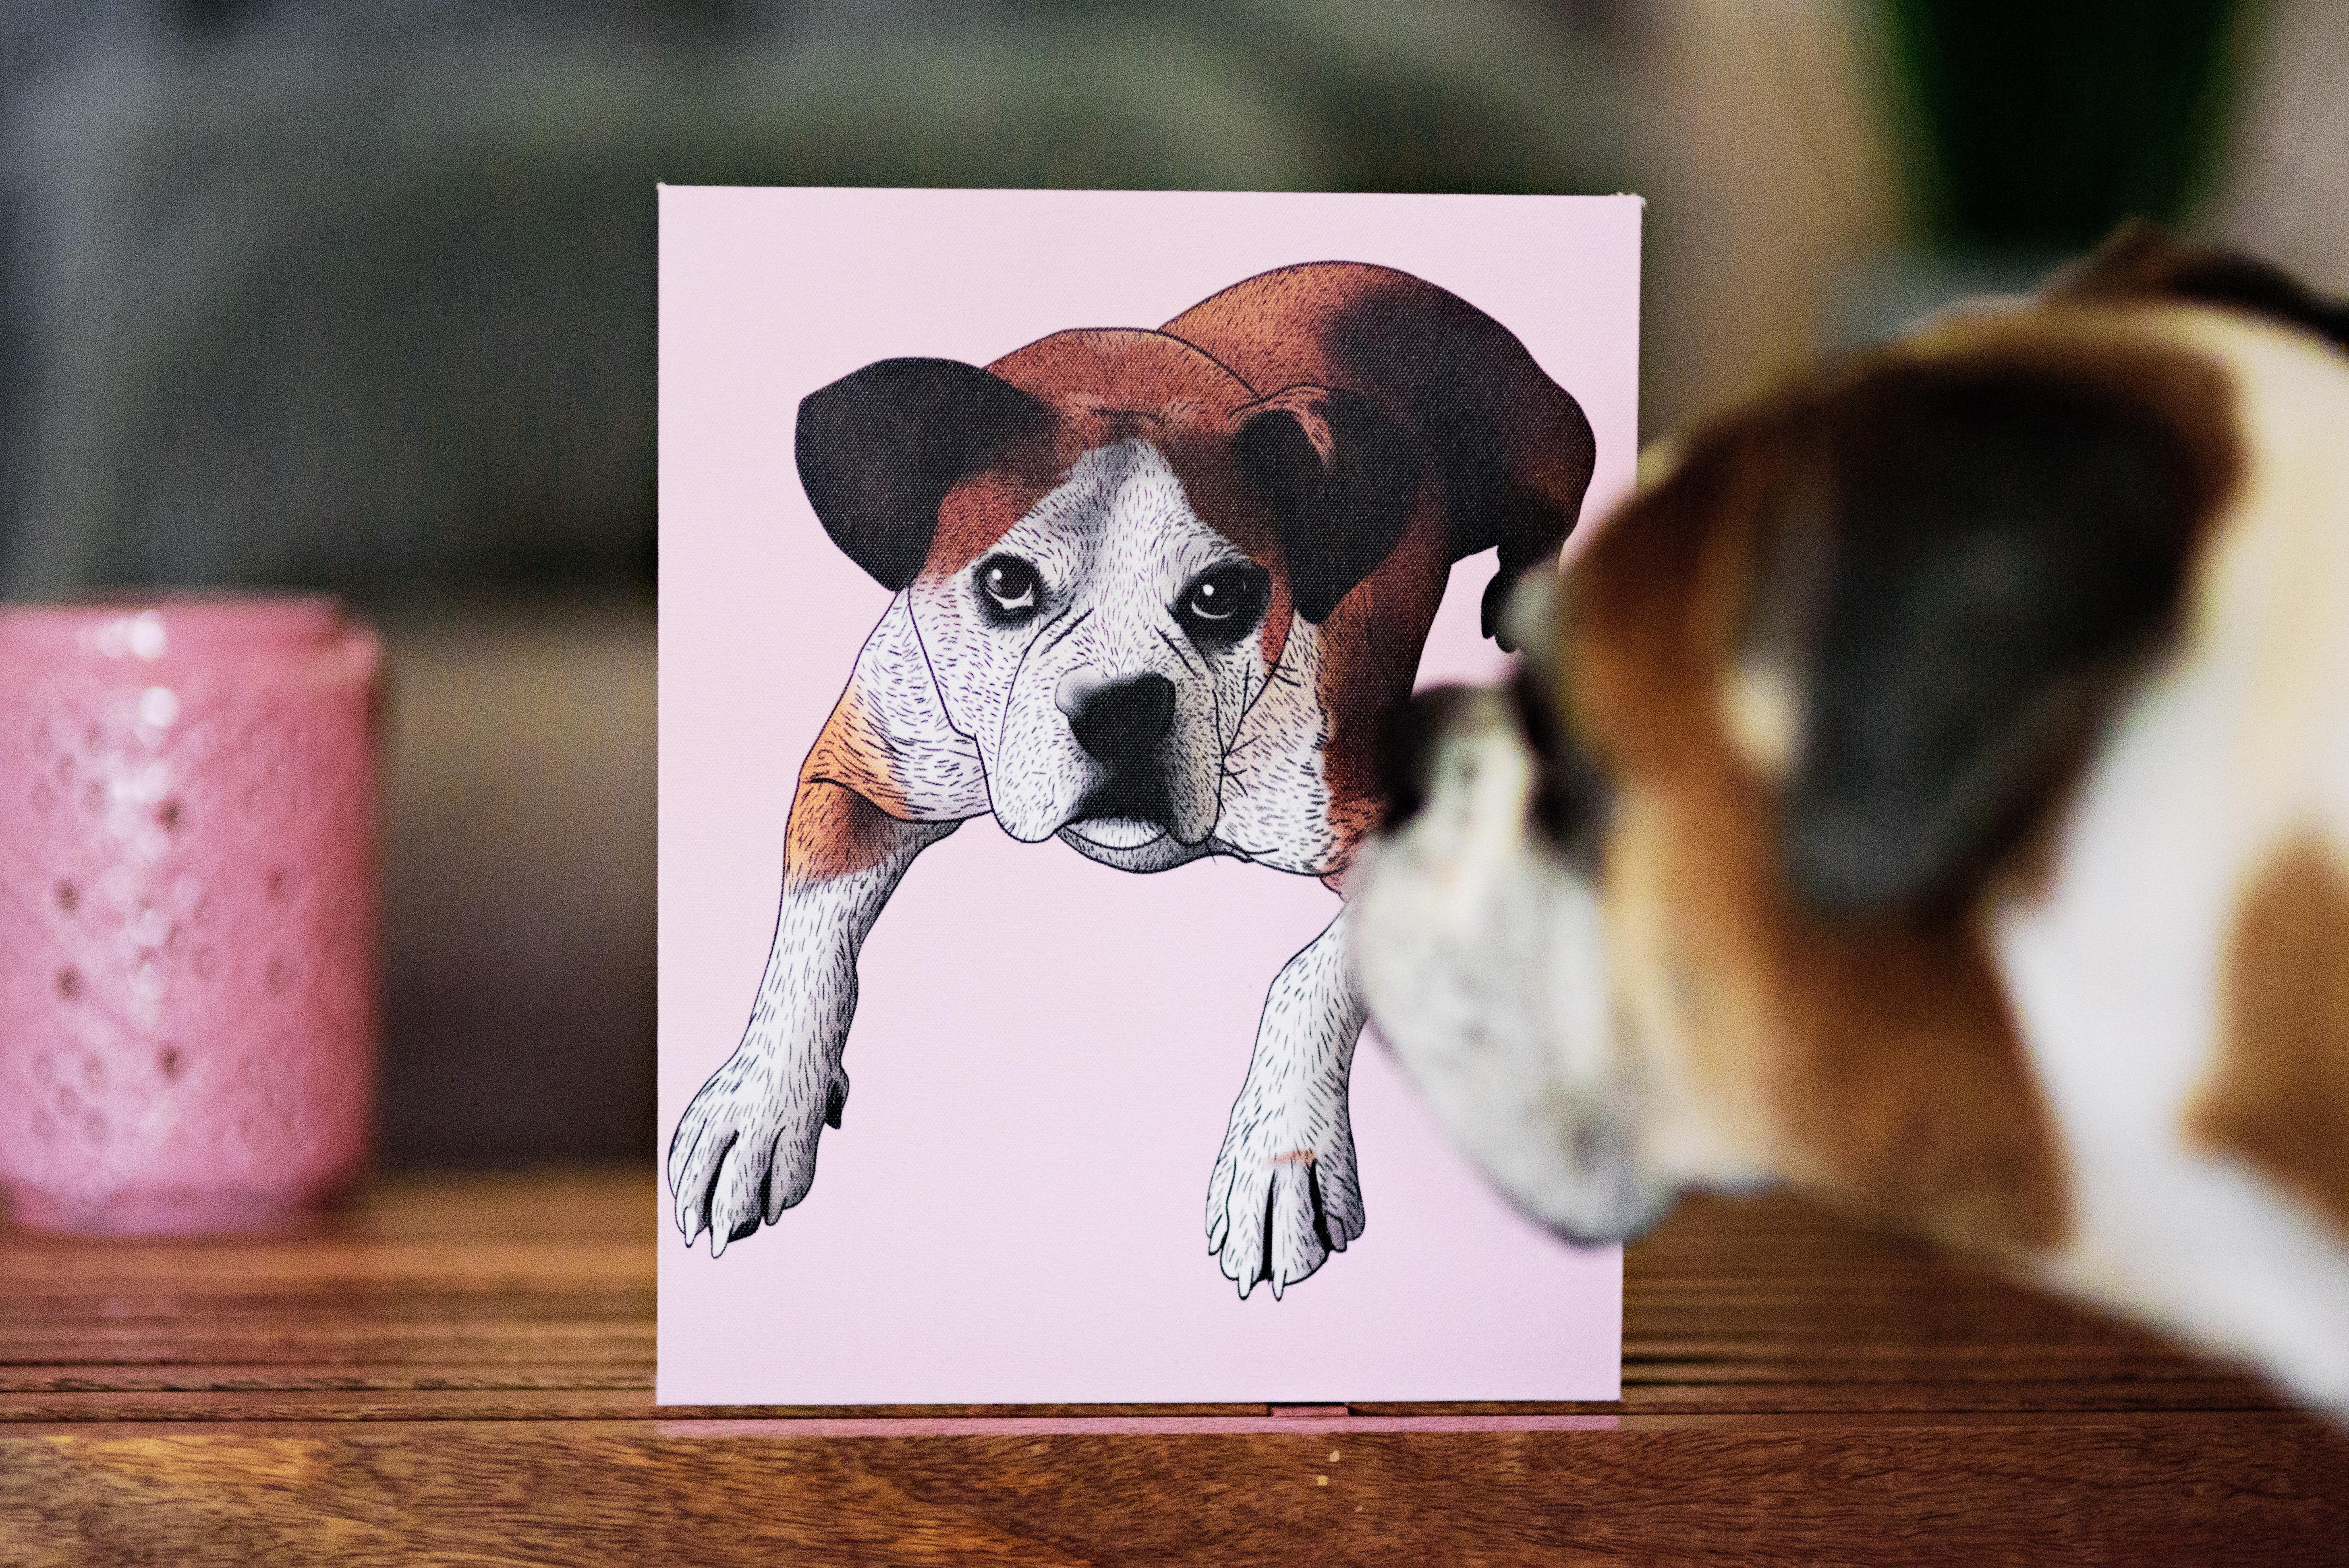 Pet pop art by 9 barks